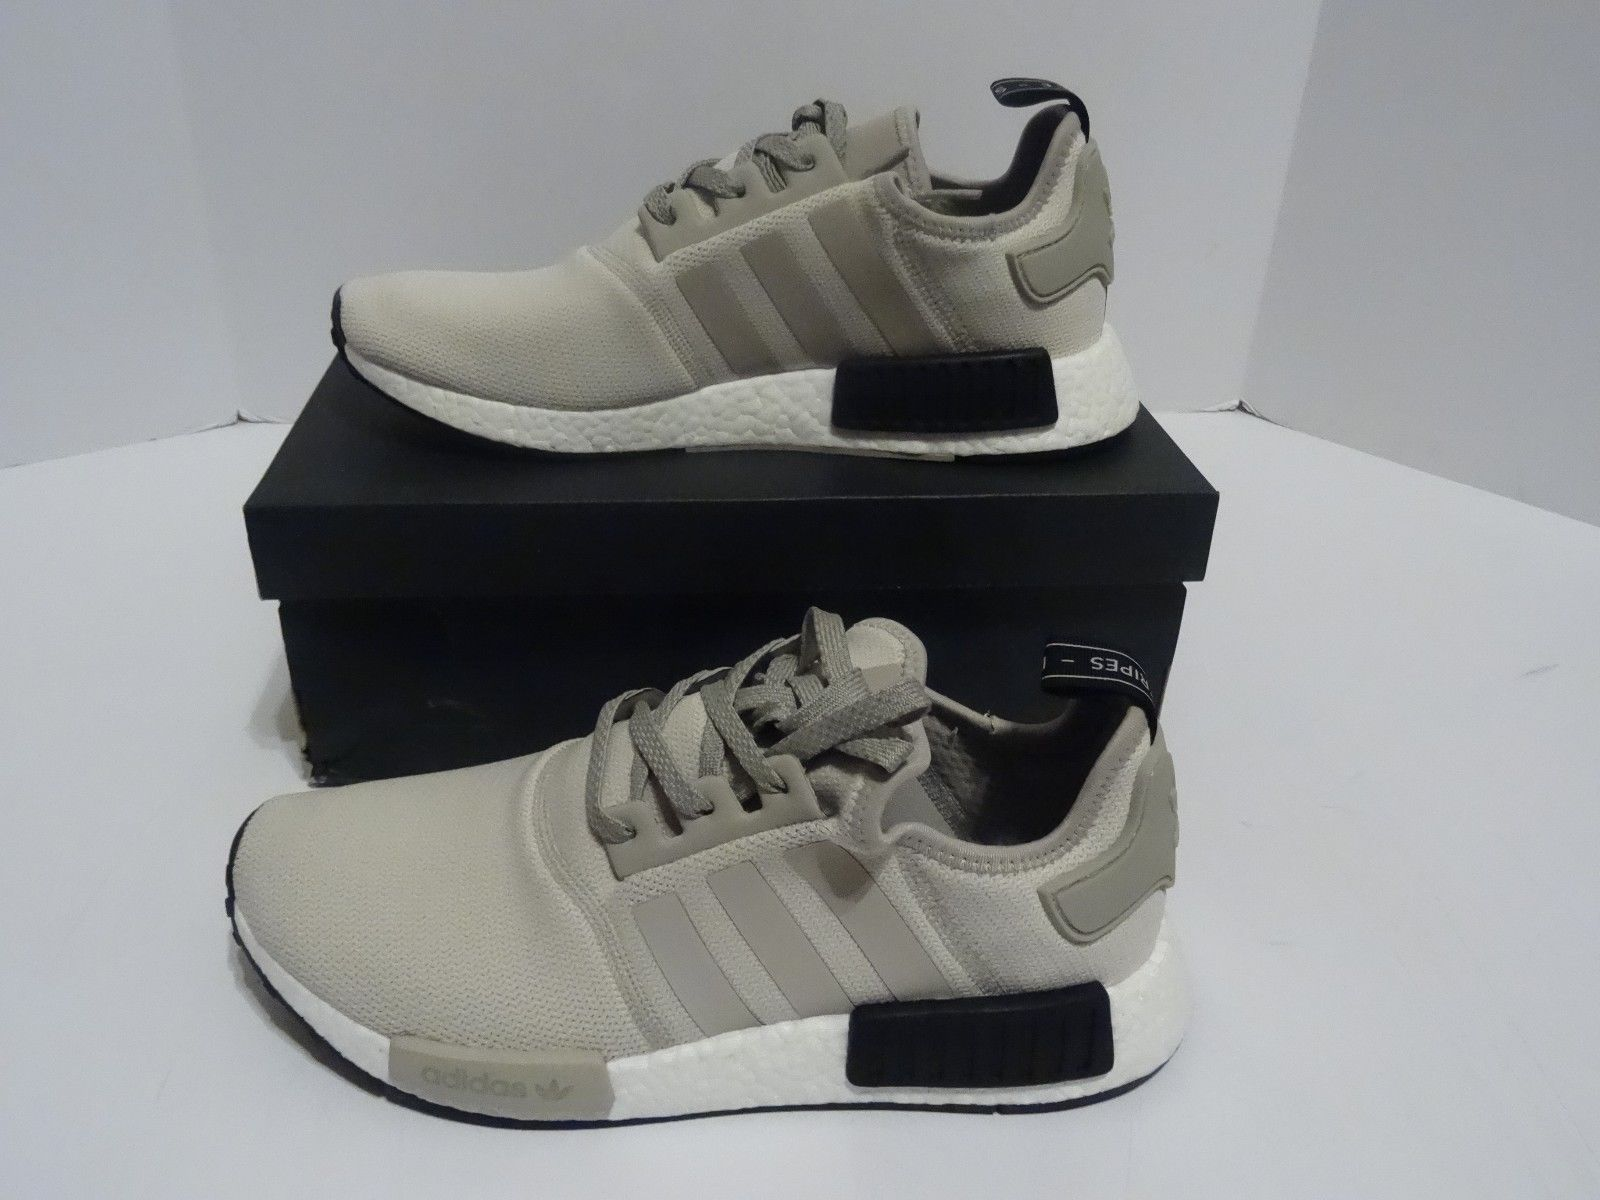 cbb57eafce4 adidas NMD R1 Tan White Cream Black S76848 Men s Sz 10 US NIB ...